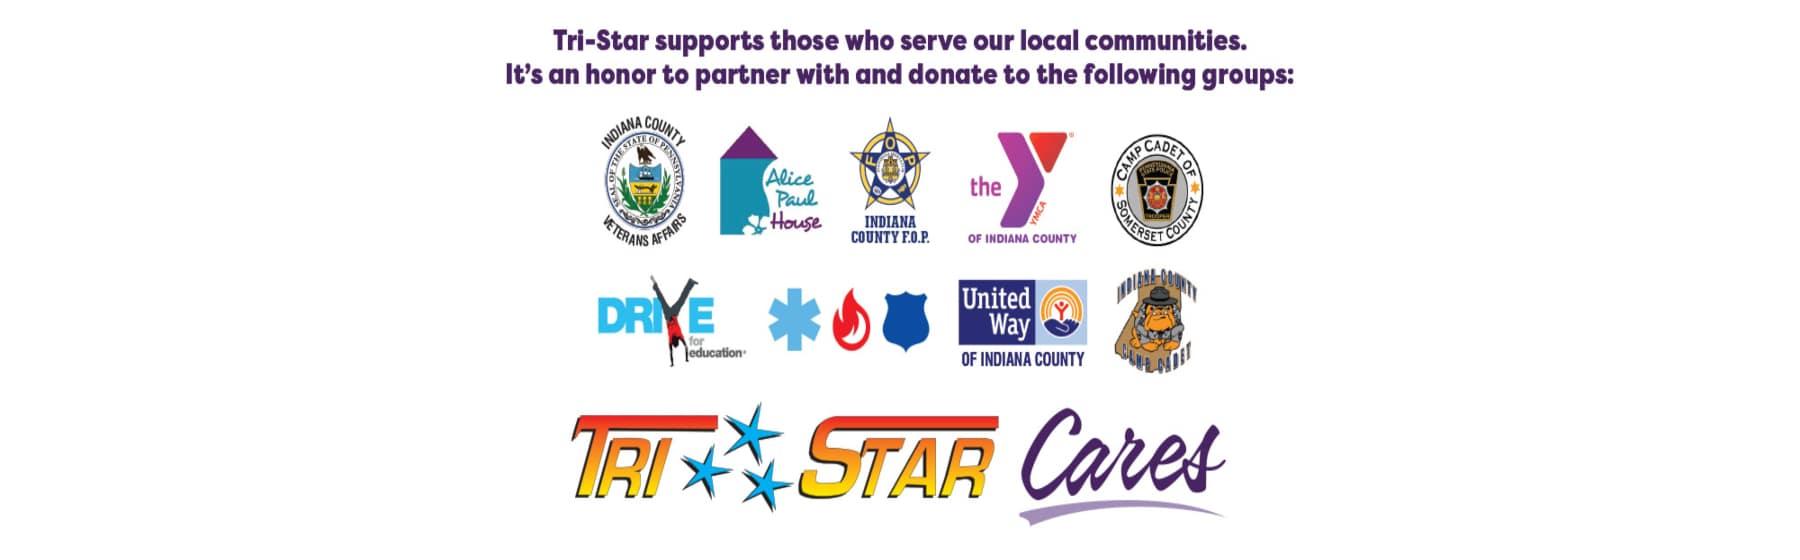 Tri-Star Indiana Charity Work